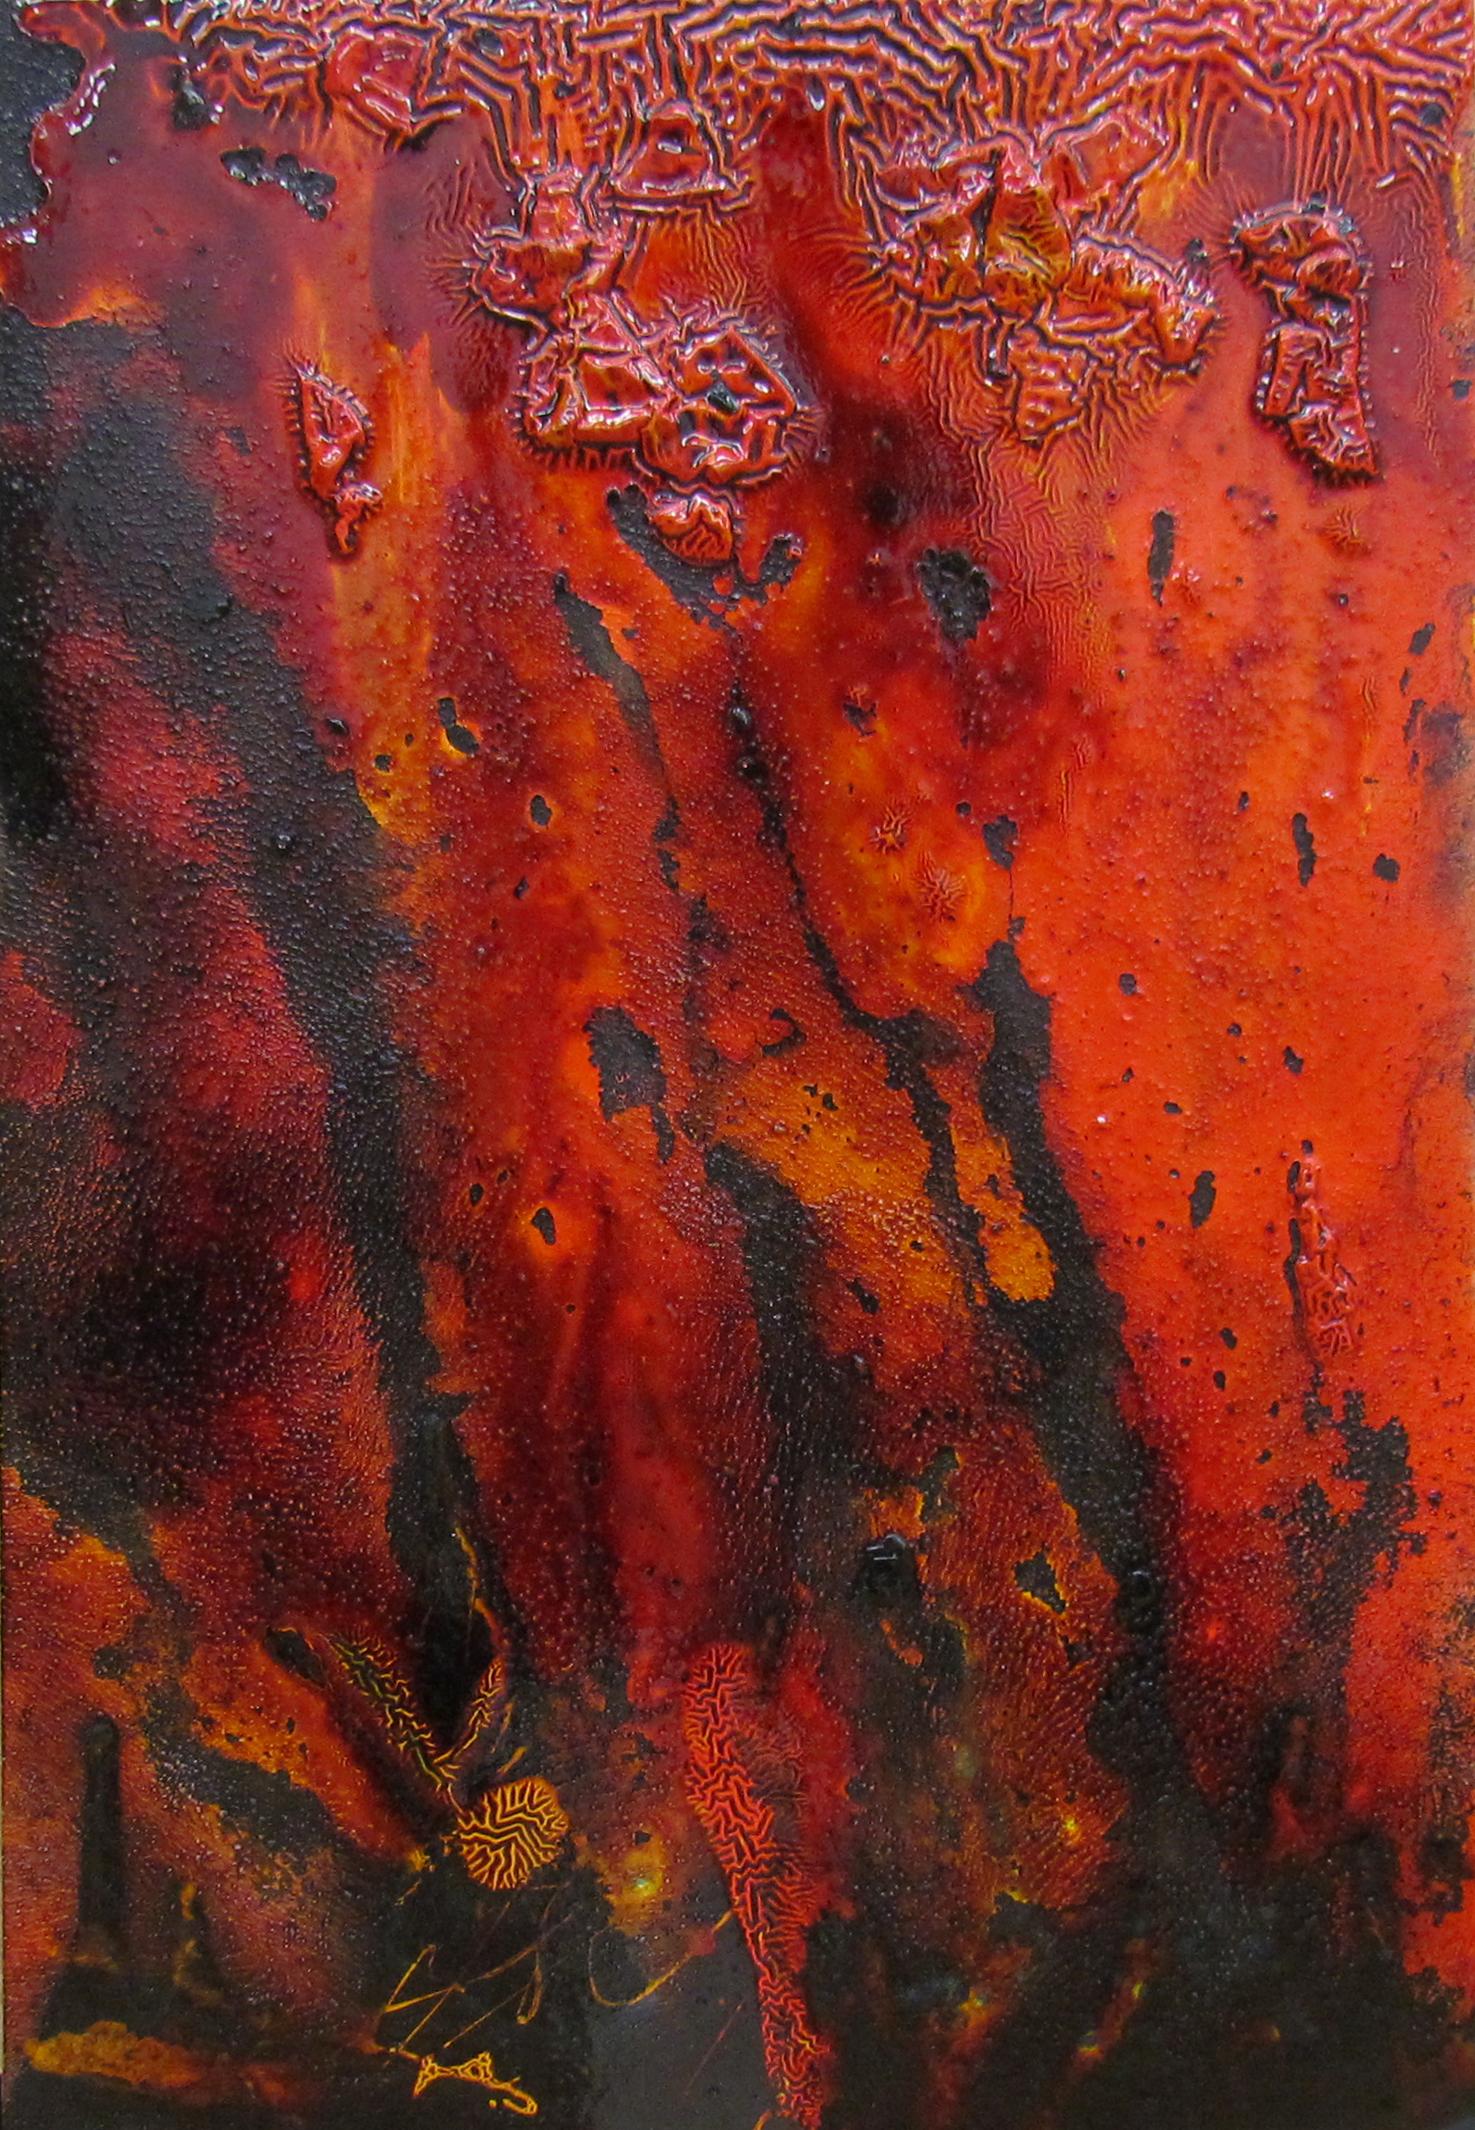 Cashew Colour Study VI / カシュー色彩 VI   gesso, cashew lacquer and sumi ink on wooden board / カシューニス、ジェッソ、墨  26x38 cm